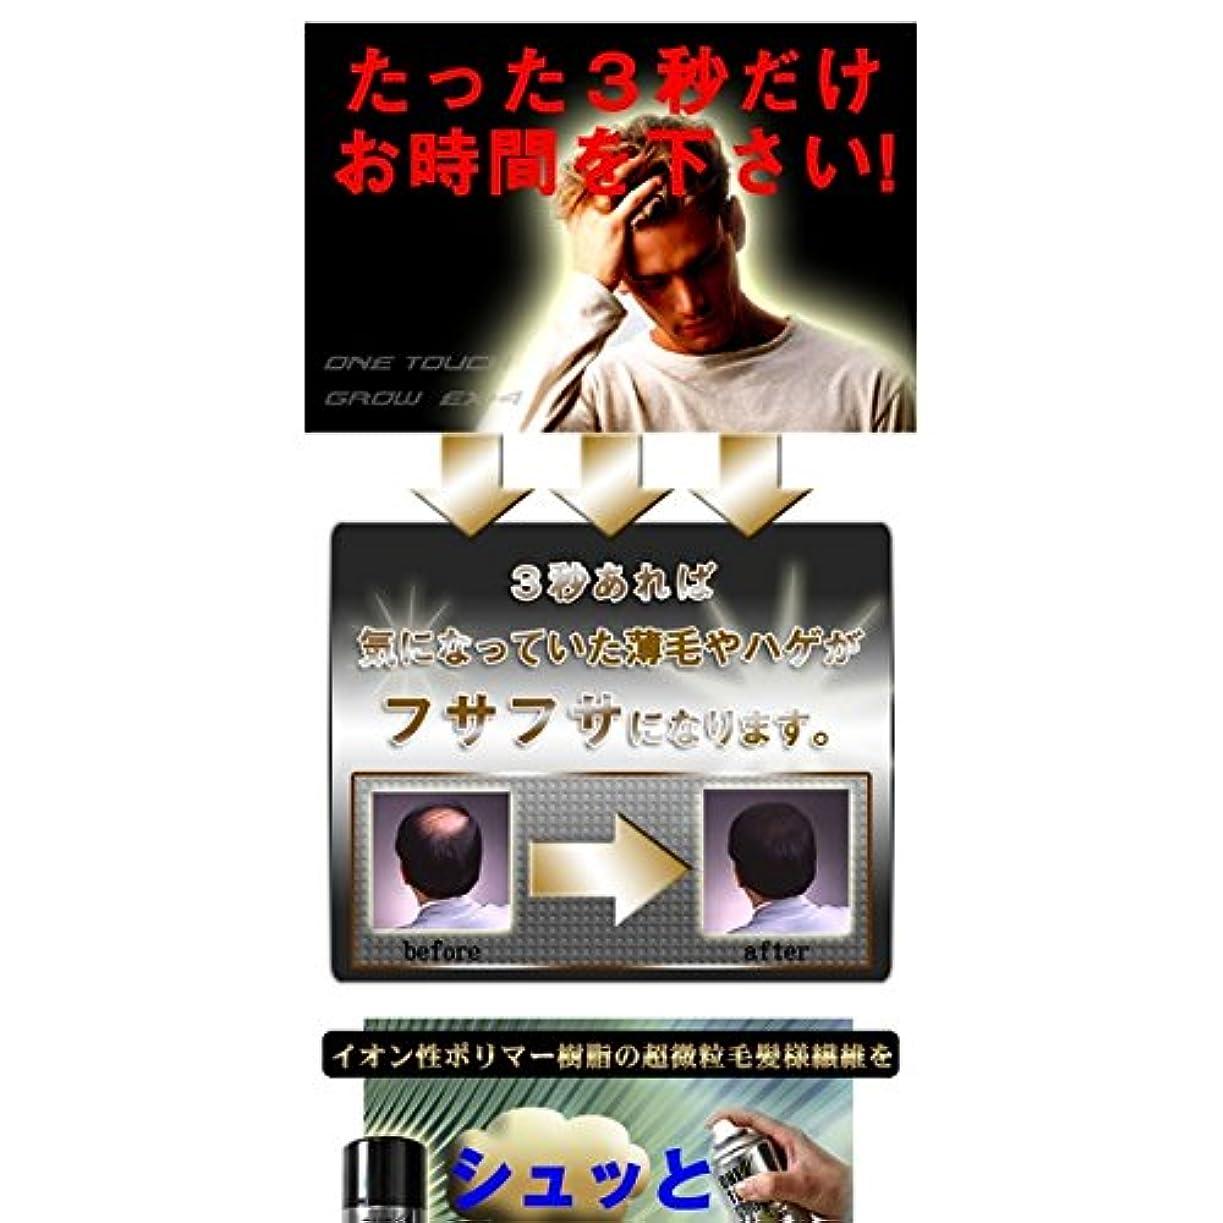 促す率直な大聖堂ワンタッチグローEX (2本セット)